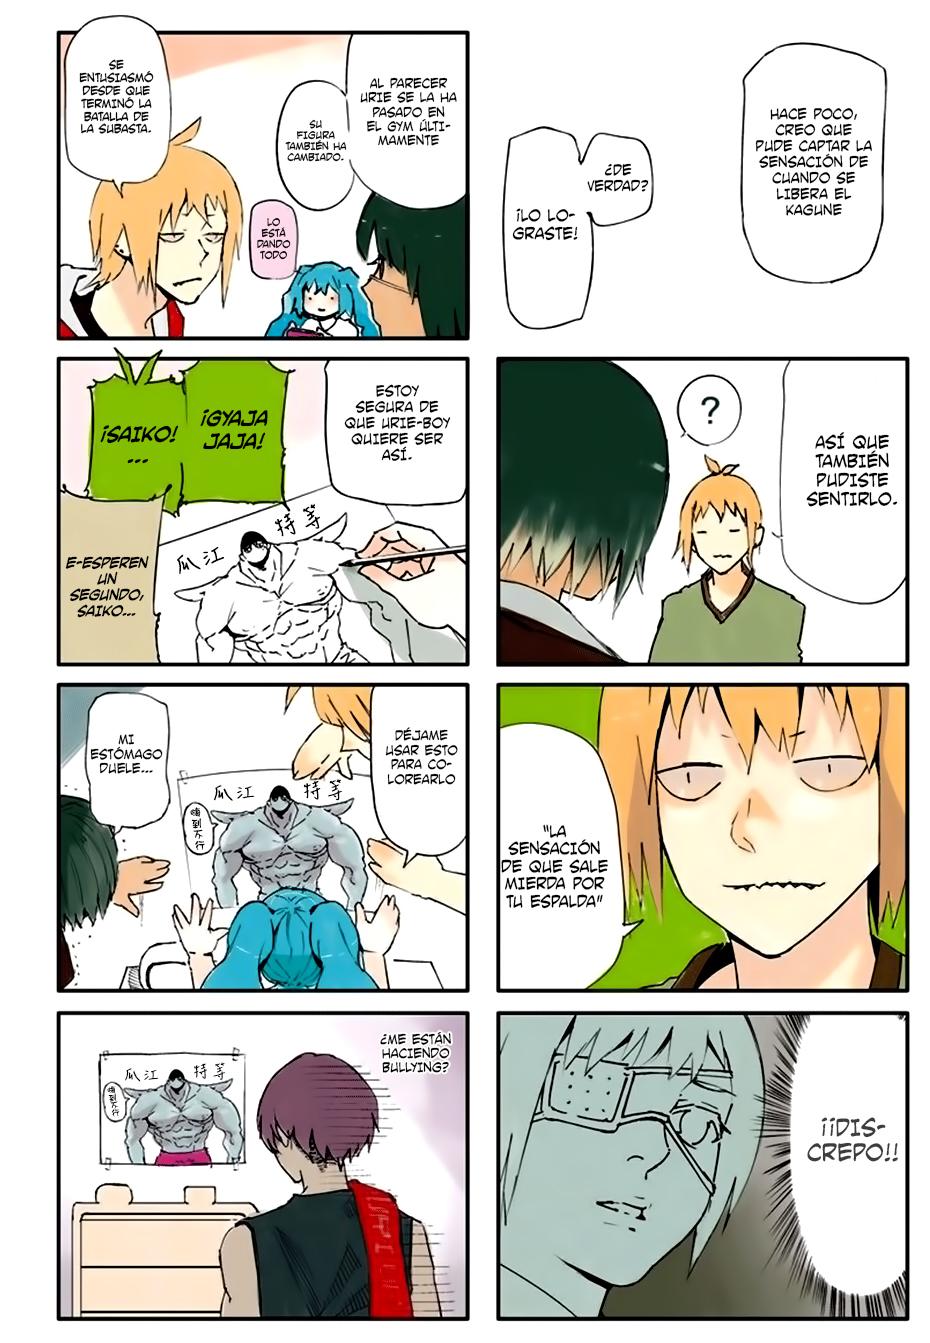 http://c5.ninemanga.com/es_manga/59/59/417010/c45ff238efdaeb27177502d90e93f60b.jpg Page 4